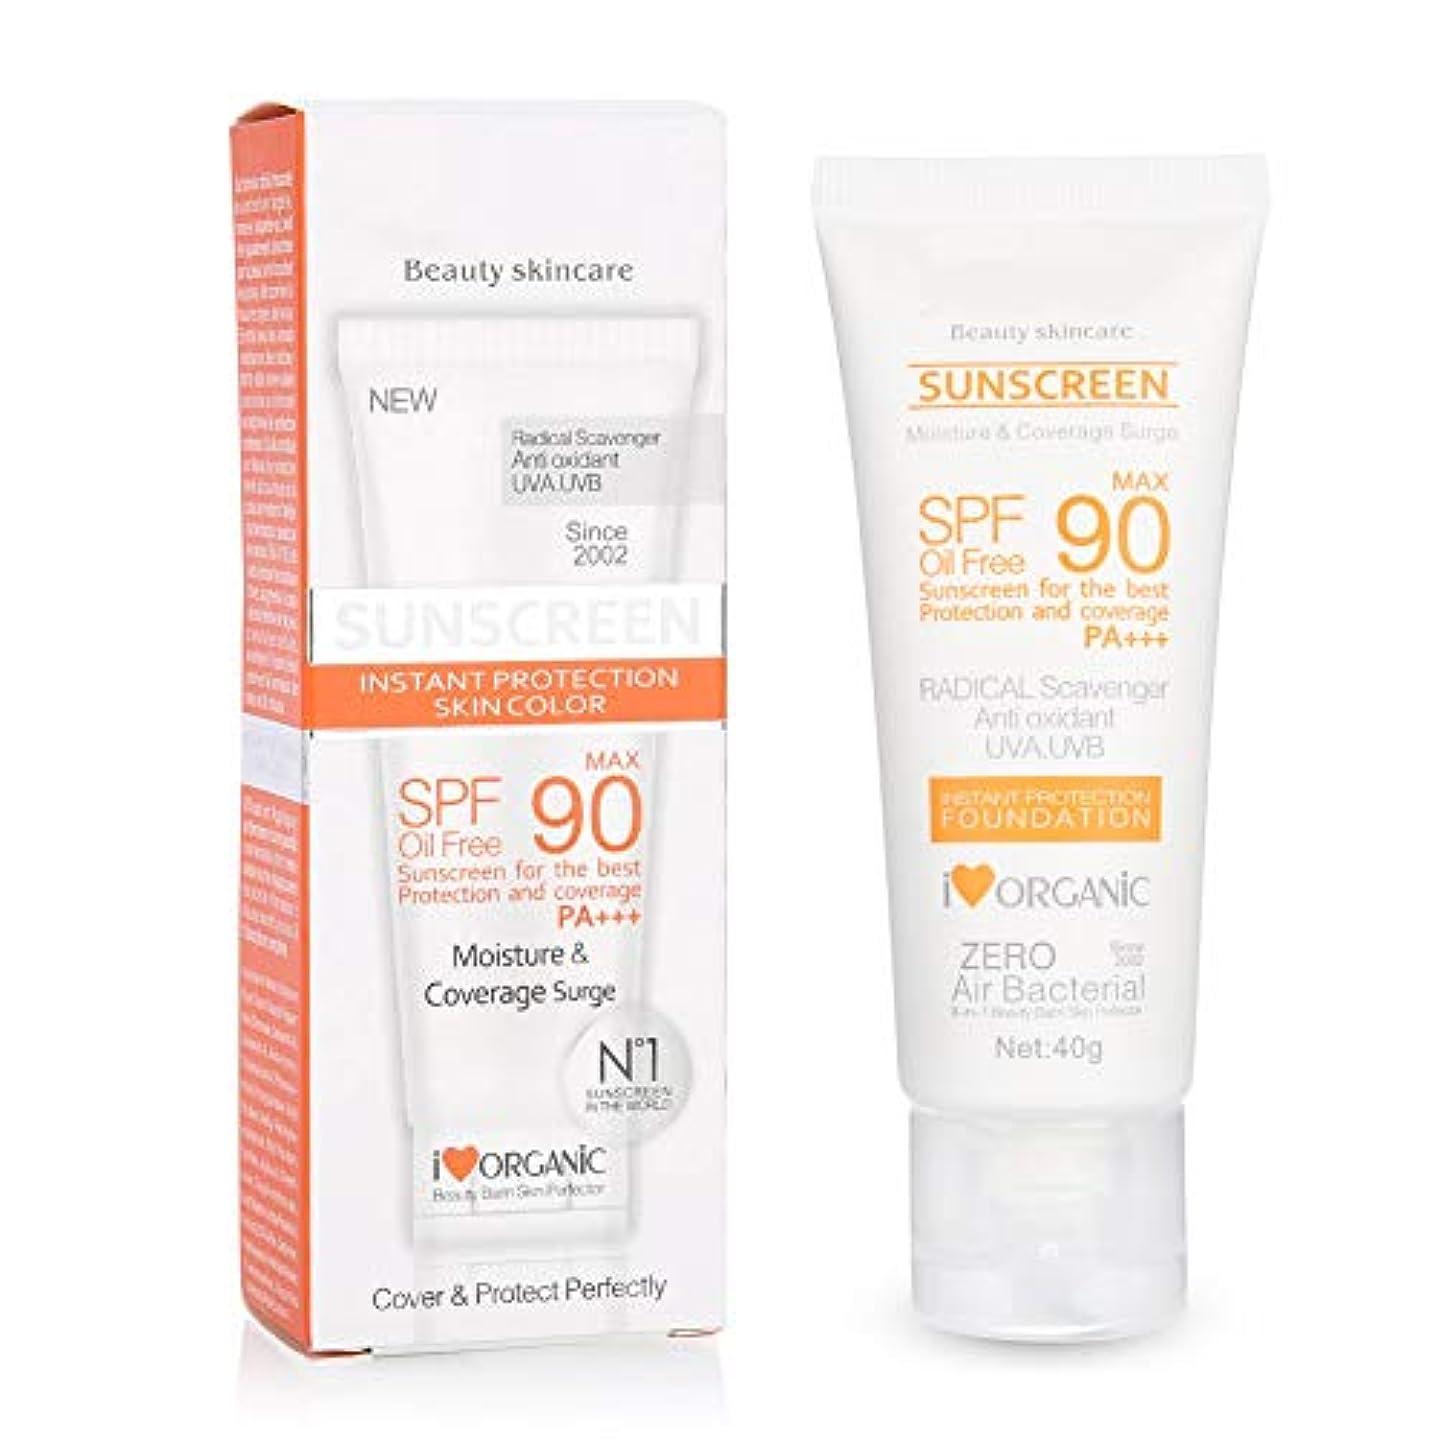 ホラー消毒剤ピッチャー日焼け止めクリーム、日焼け止めクリームSPF50 +日焼け止めクリームは、日光や日焼けを防ぐために強い日差し、紫外線を遮断することができます。